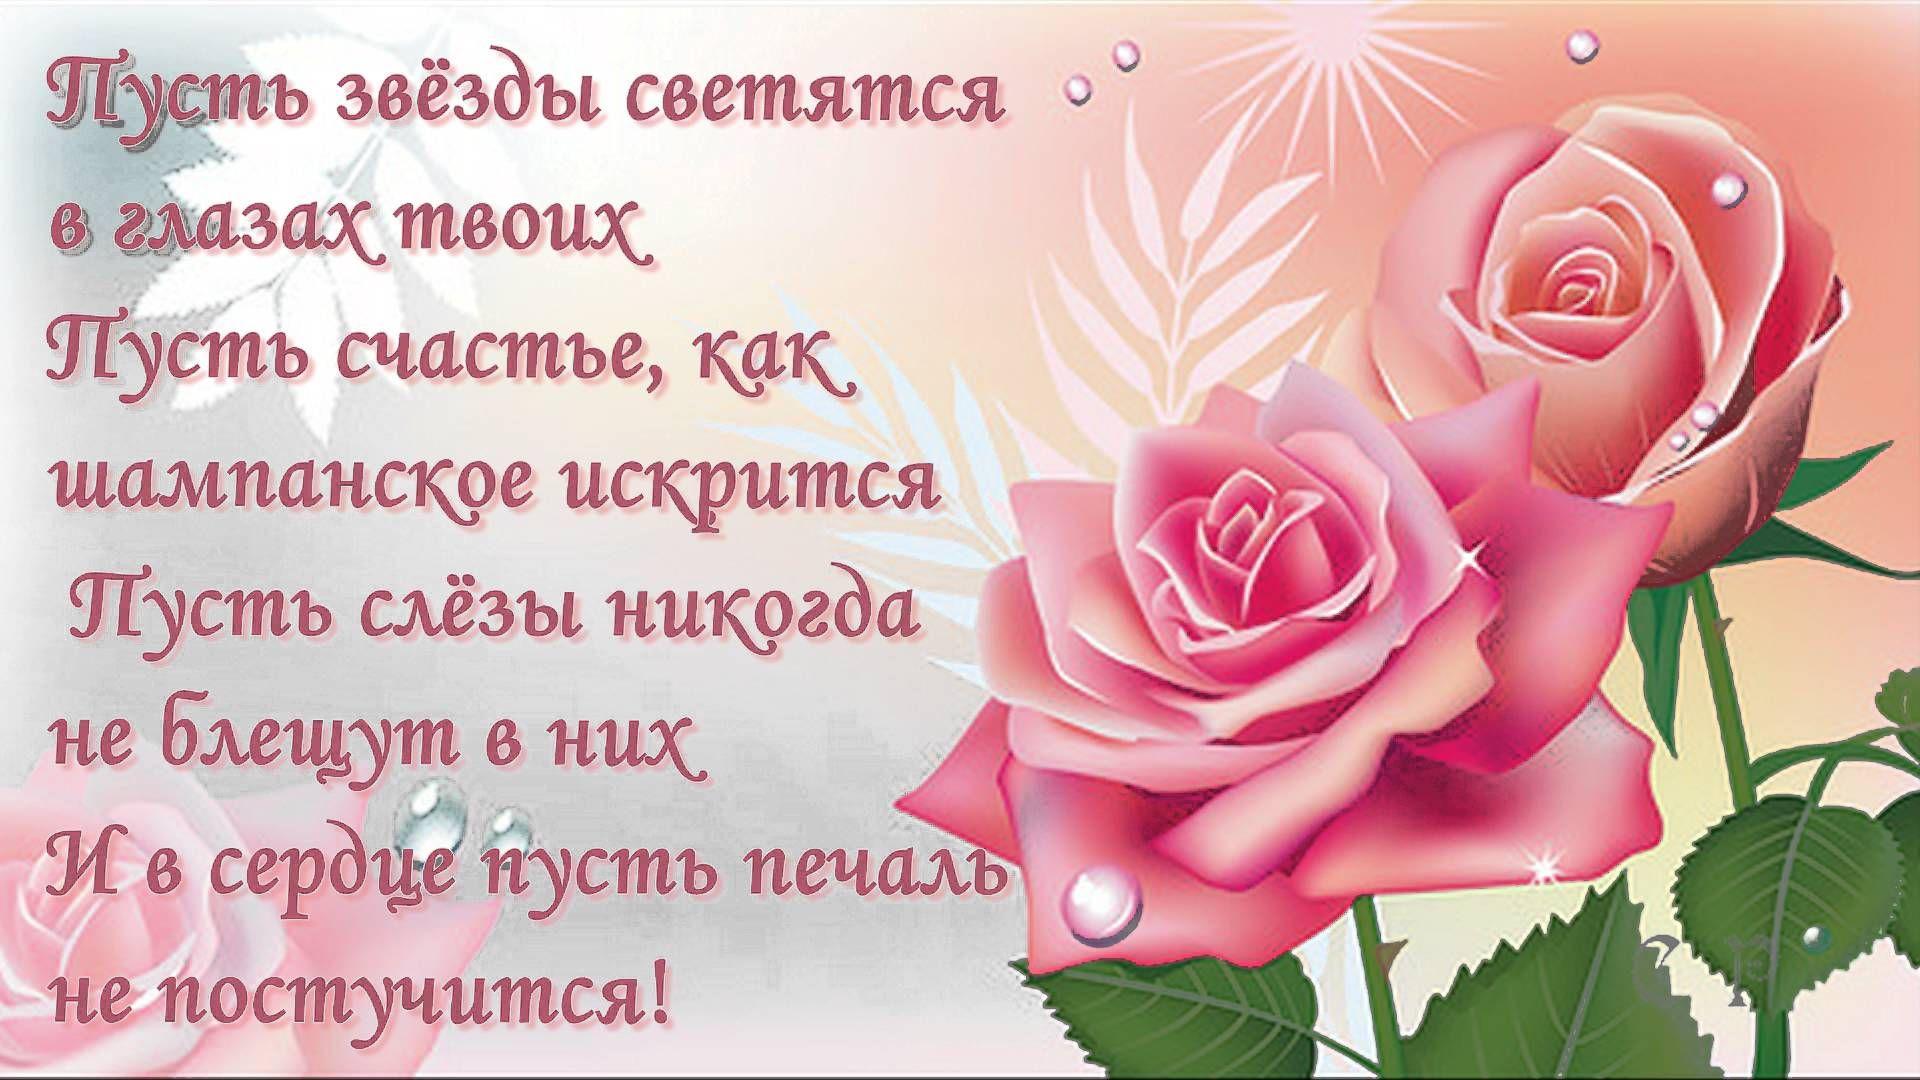 Светлана поздравление в стихах с днем рождения женщине